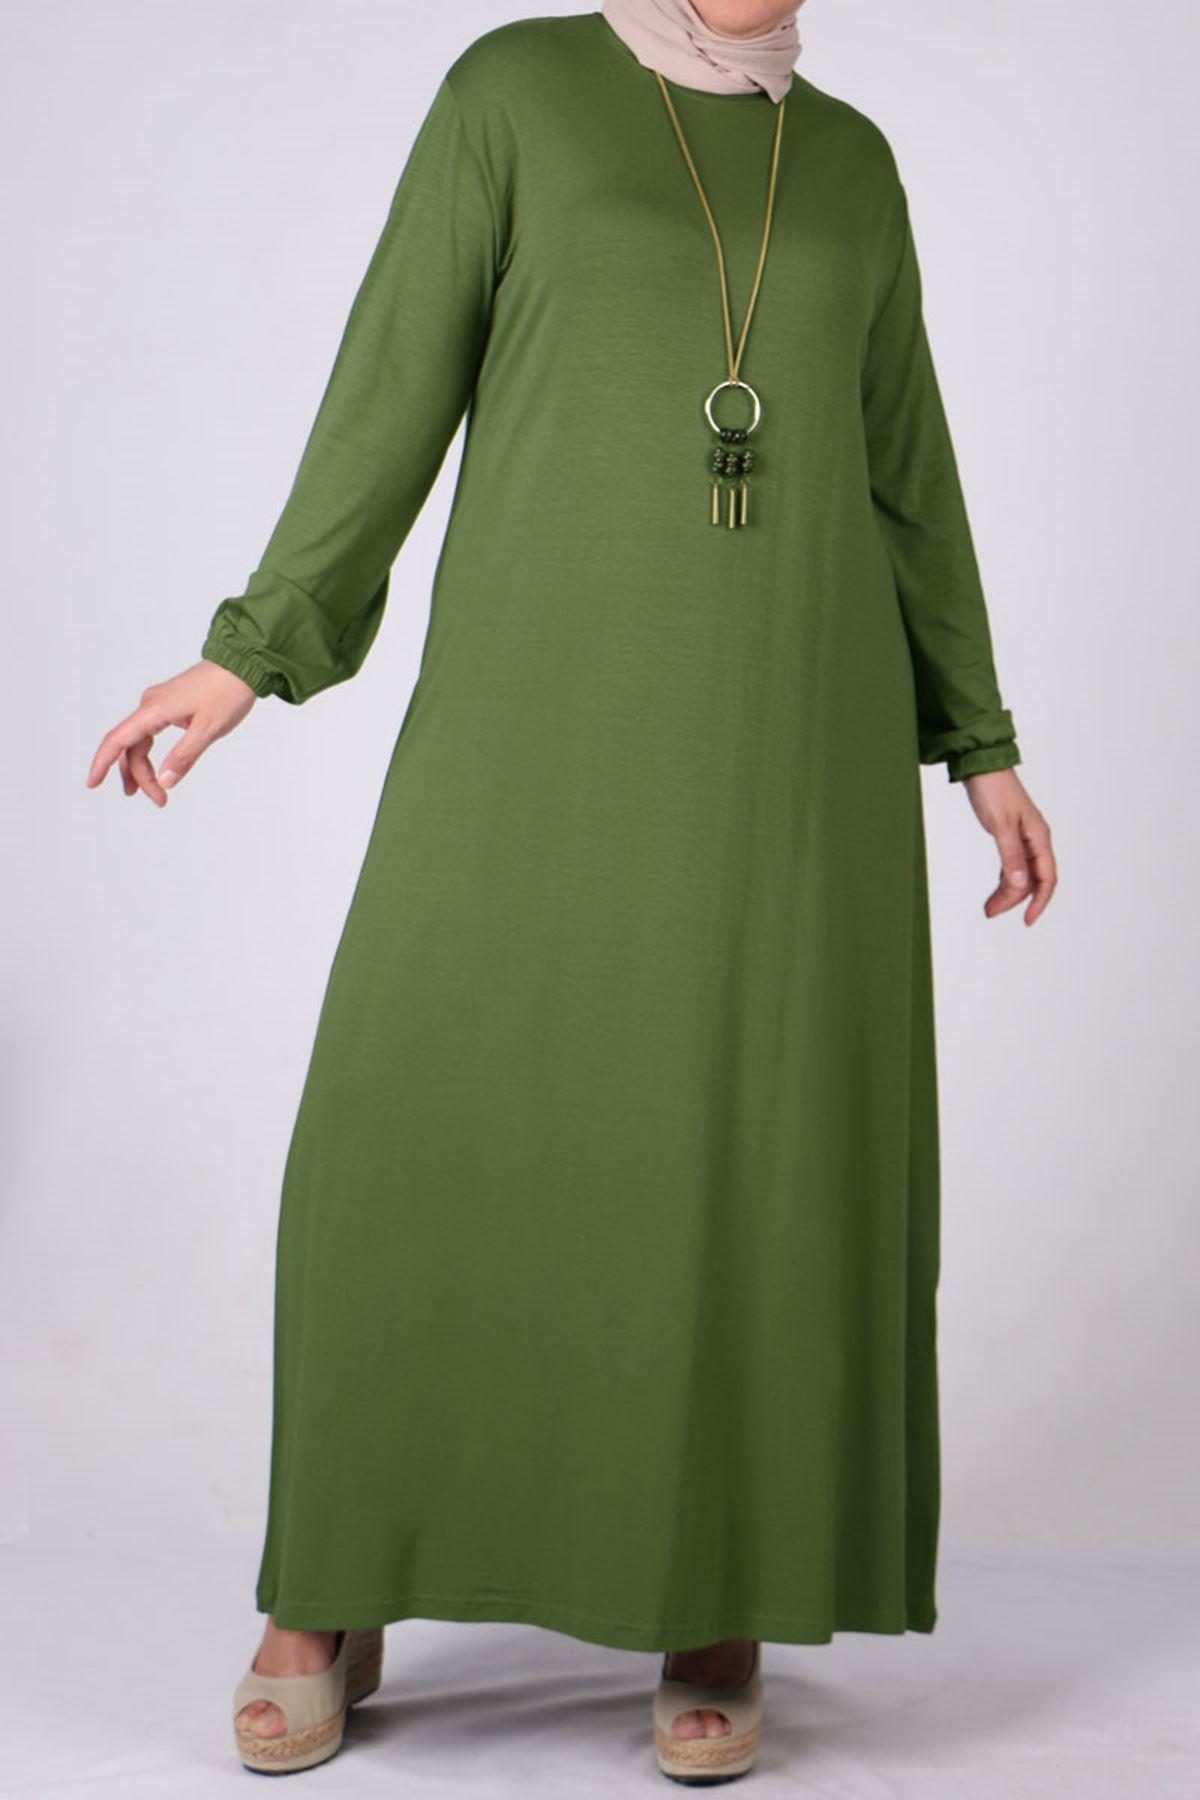 2035 فستان بأكمام مطاط مقاس كبير - بني مينك